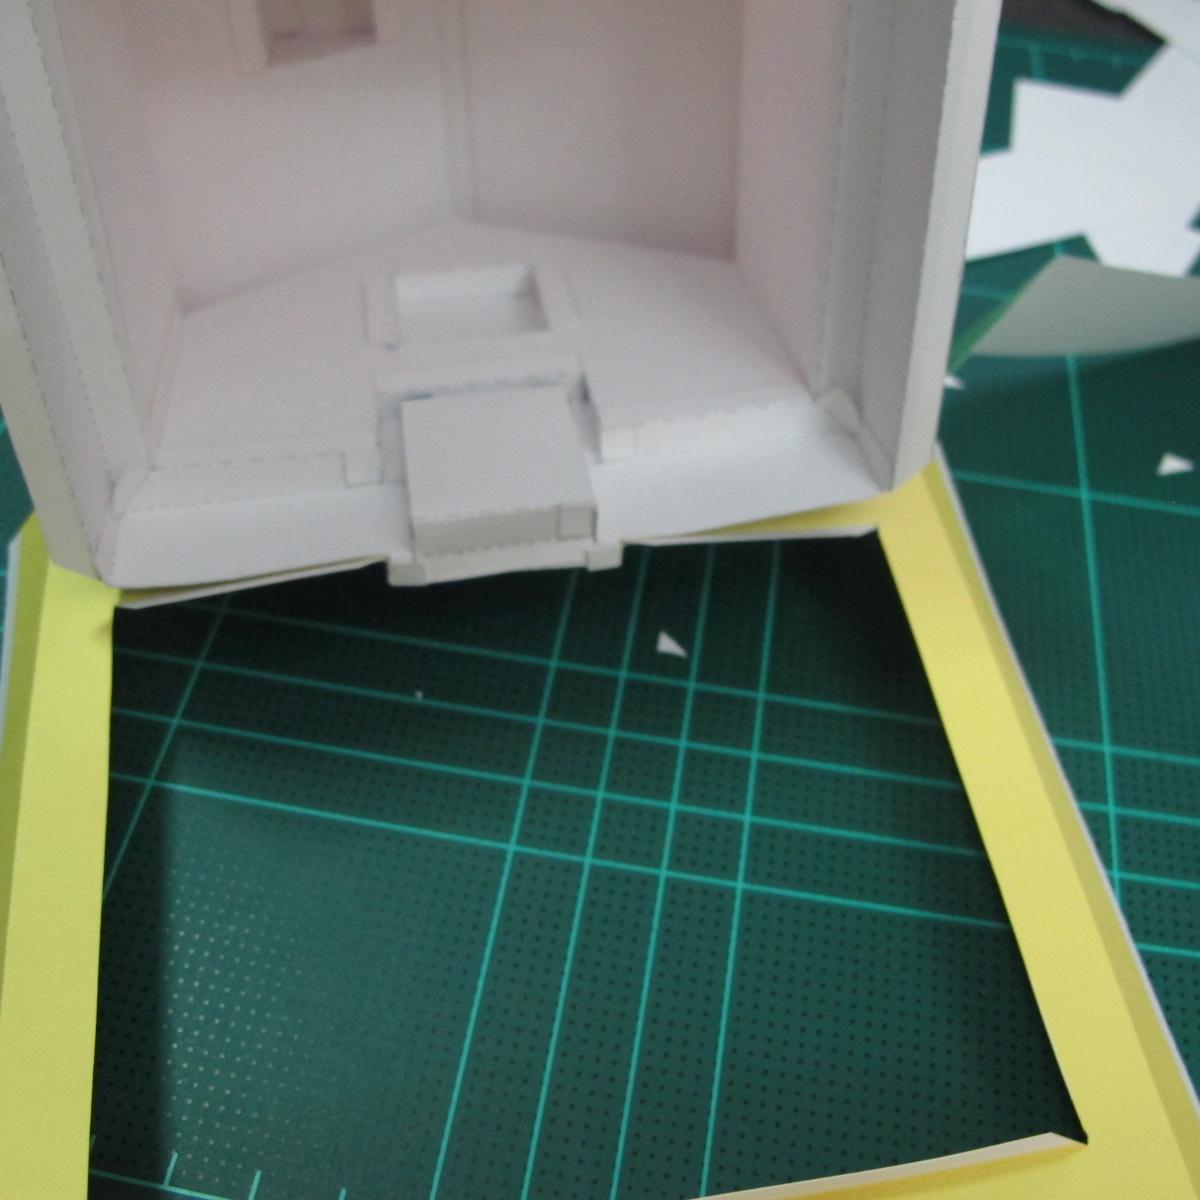 วิธีทำโมเดลกระดาษเป็นรูปบ้าน (Little House Papercraft Model) 014